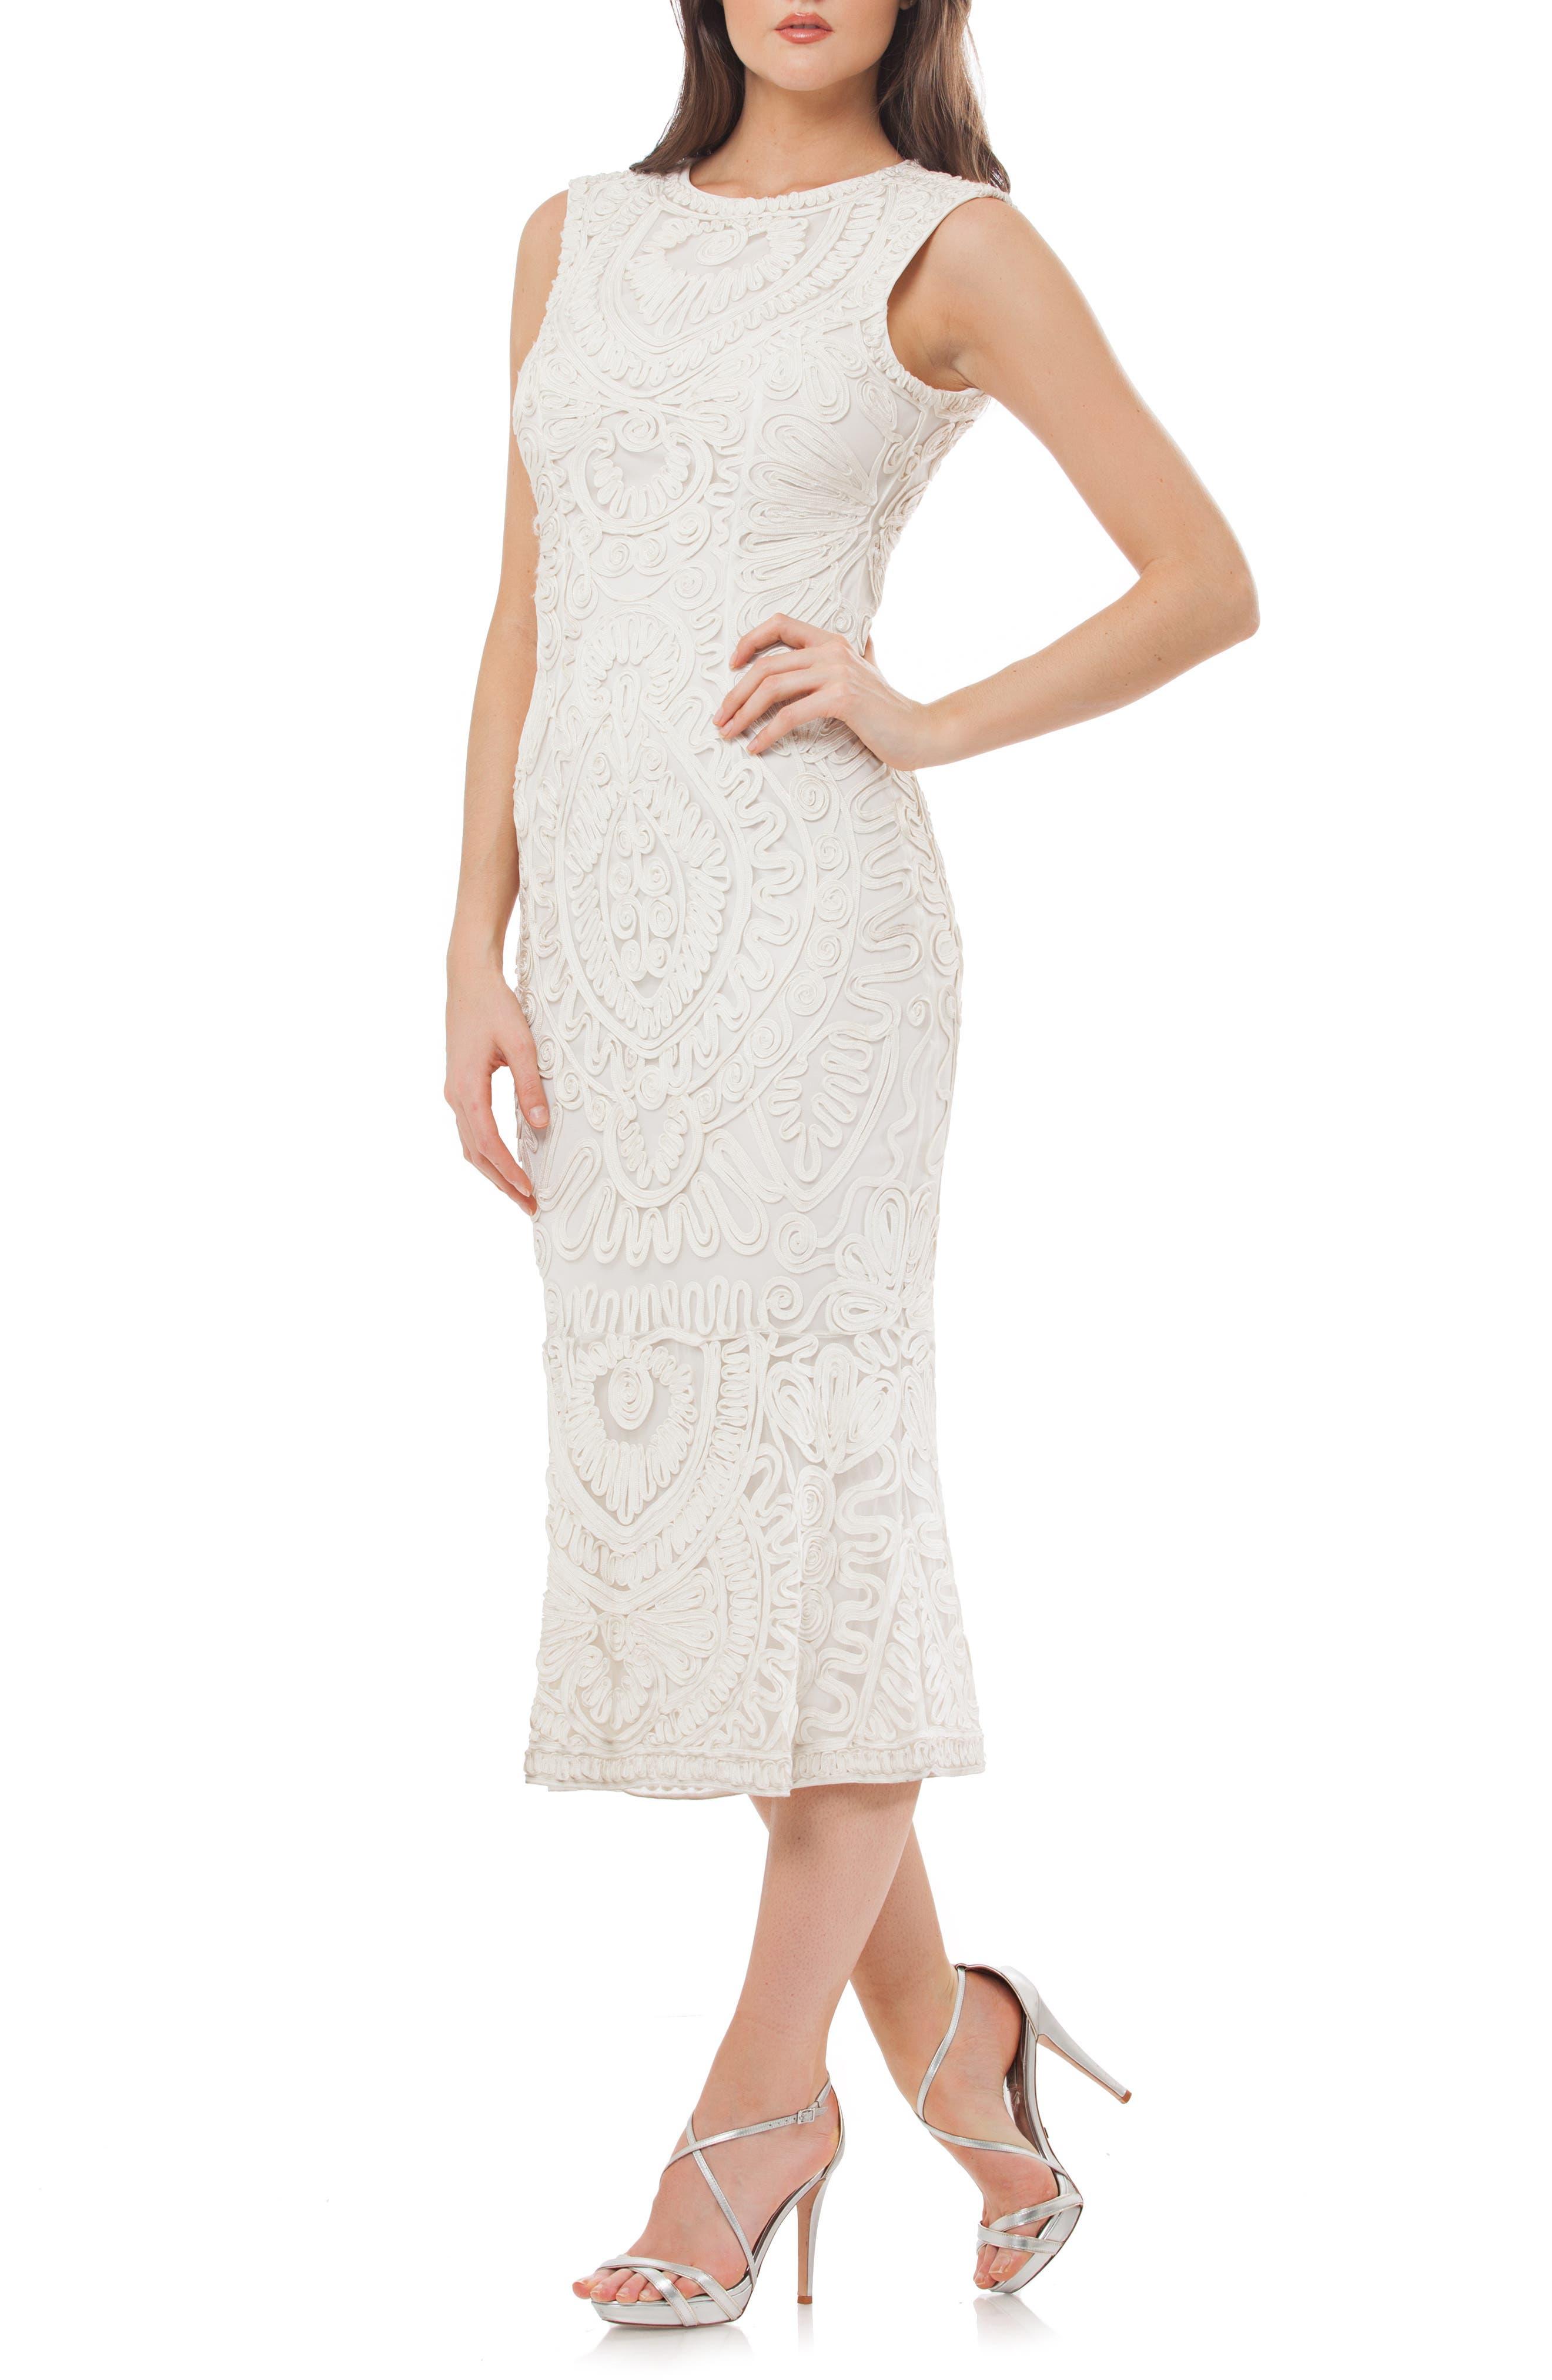 Js Collections Soutache Mesh Dress, Ivory